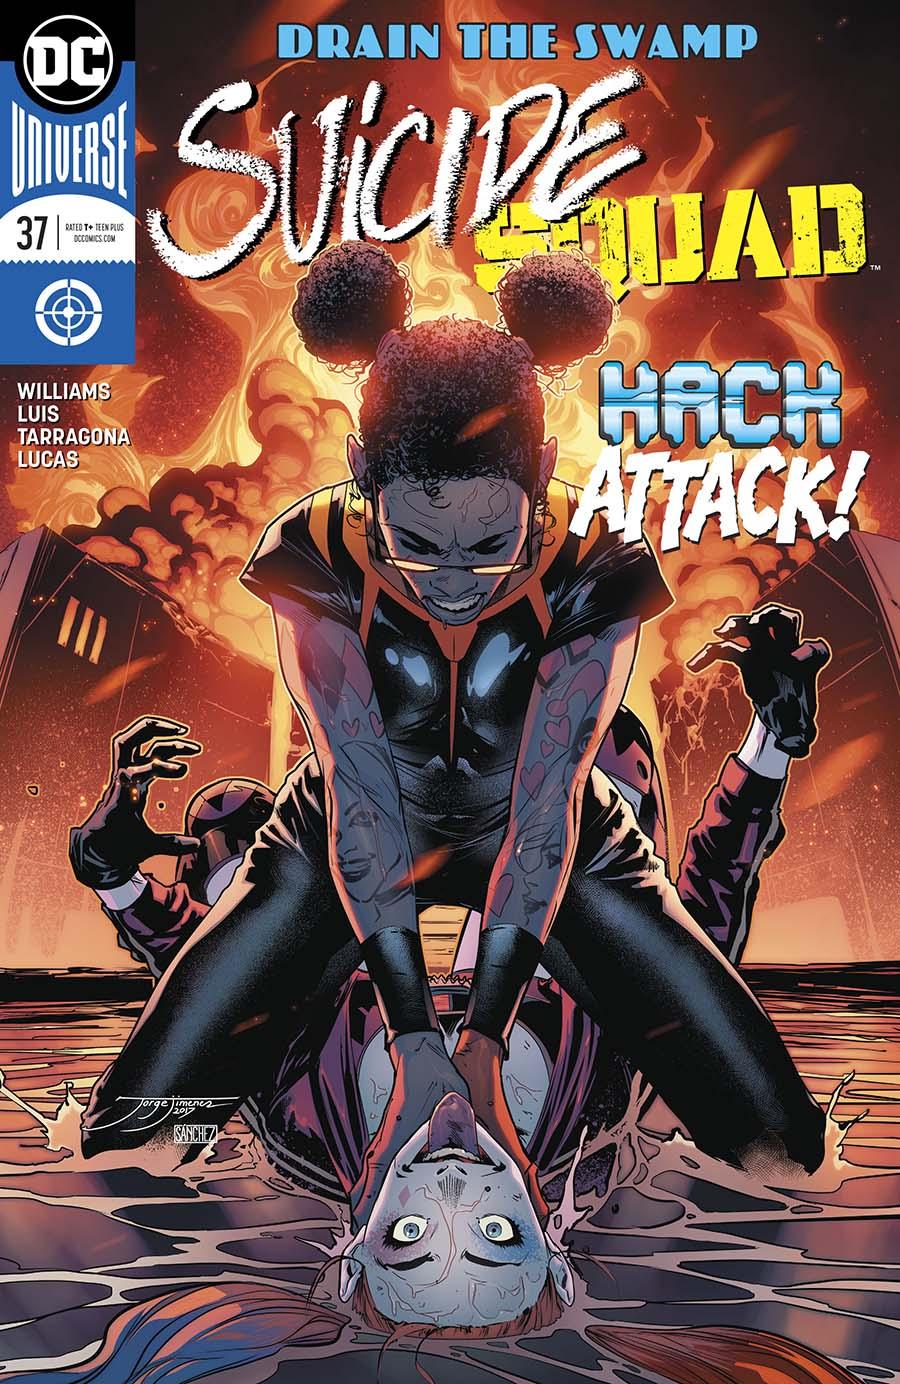 Suicide Squad Vol 4 #37 Cover A Regular Jorge Jimenez Cover